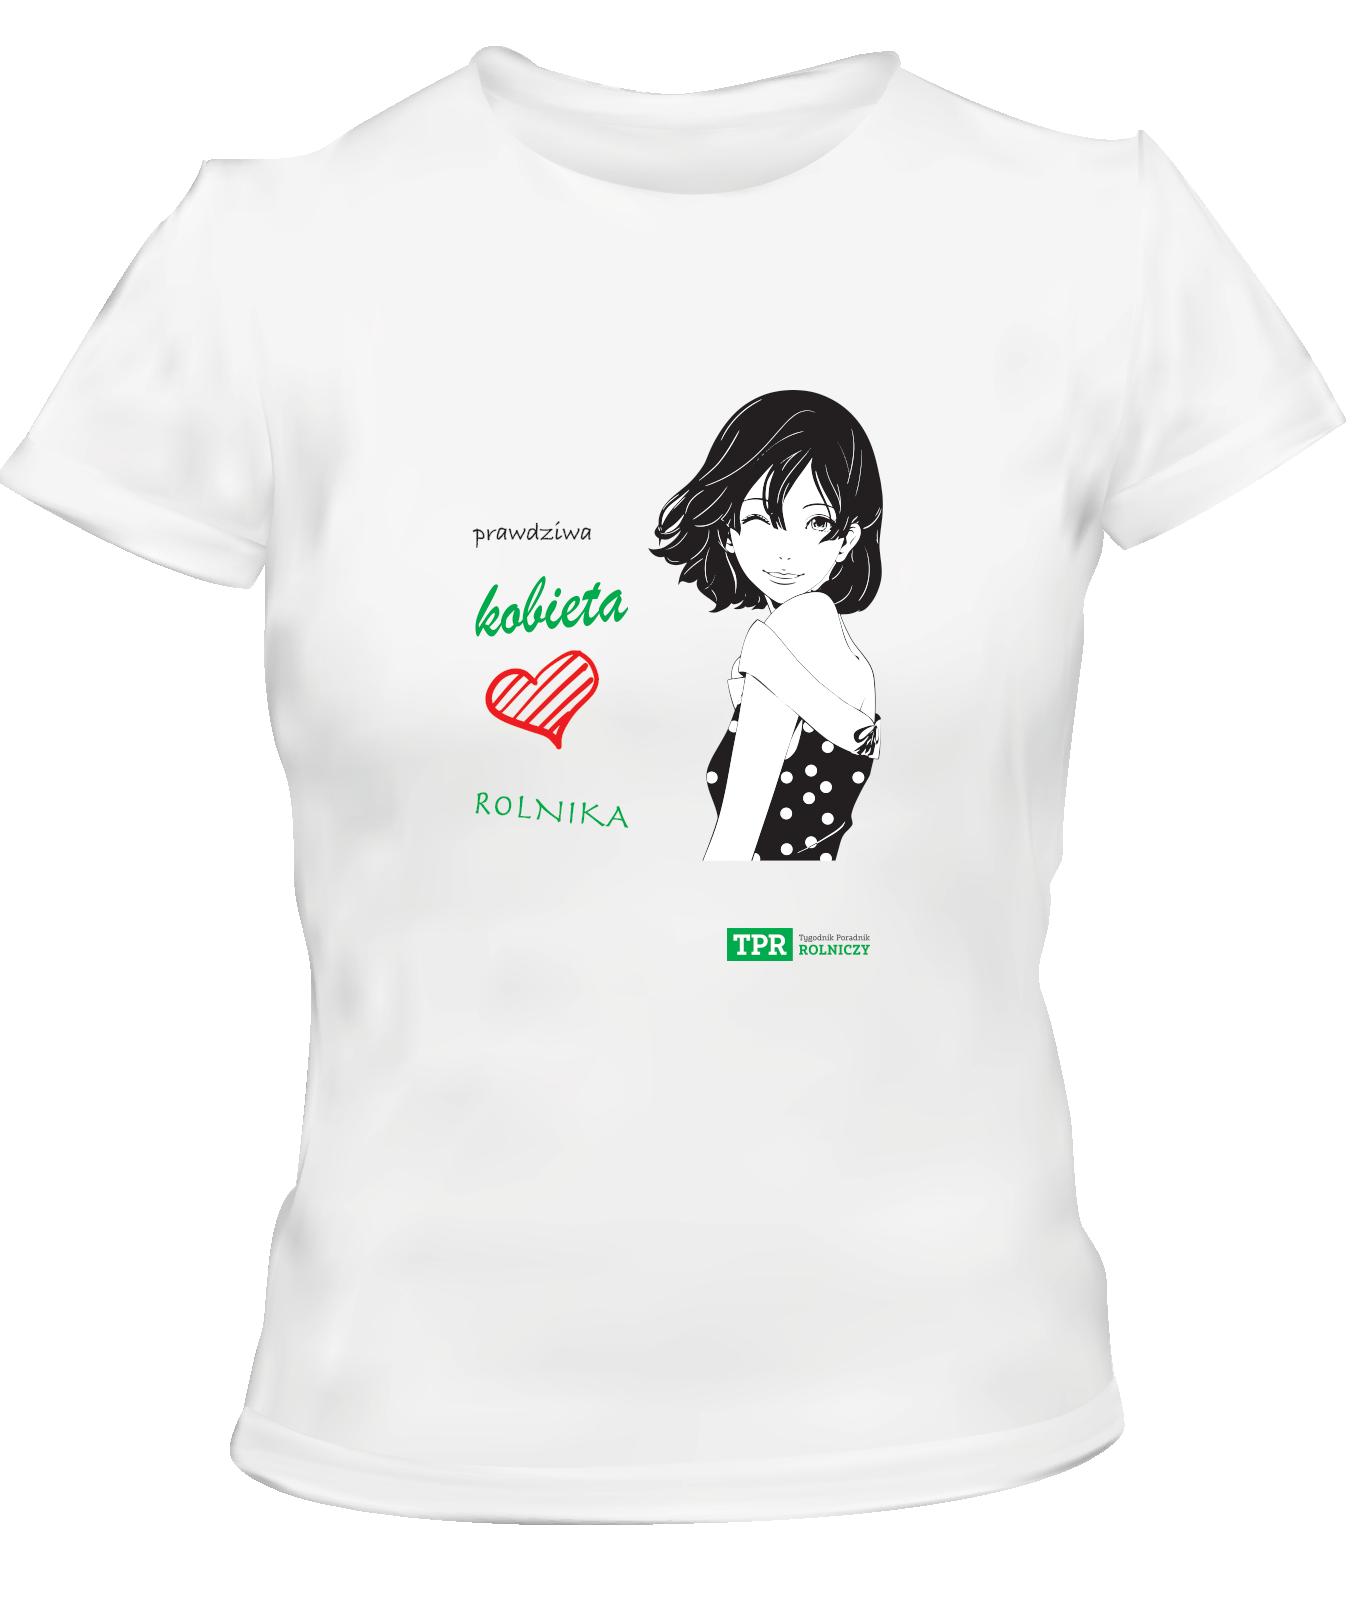 Koszulka damska - Prawdziwa Kobieta Kocha Rolnika –Tygodnik Poradnik Rolniczy